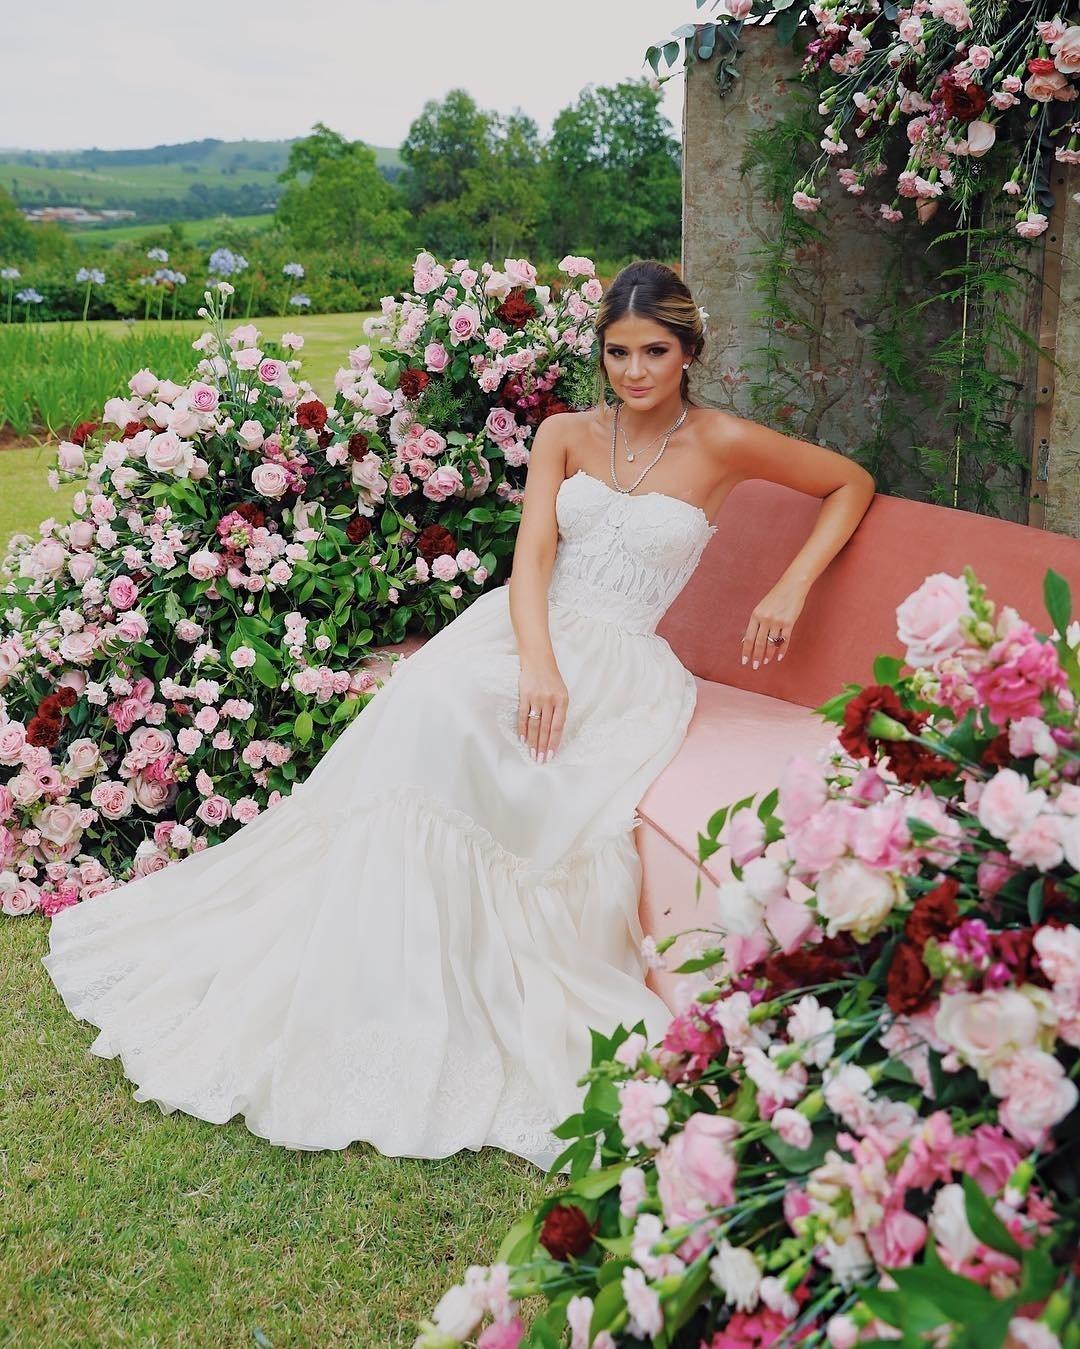 48dbe0c65 Thássia Naves celebra noivado com vestido de R$ 22 mil - 10/11/2018 - UOL  Universa